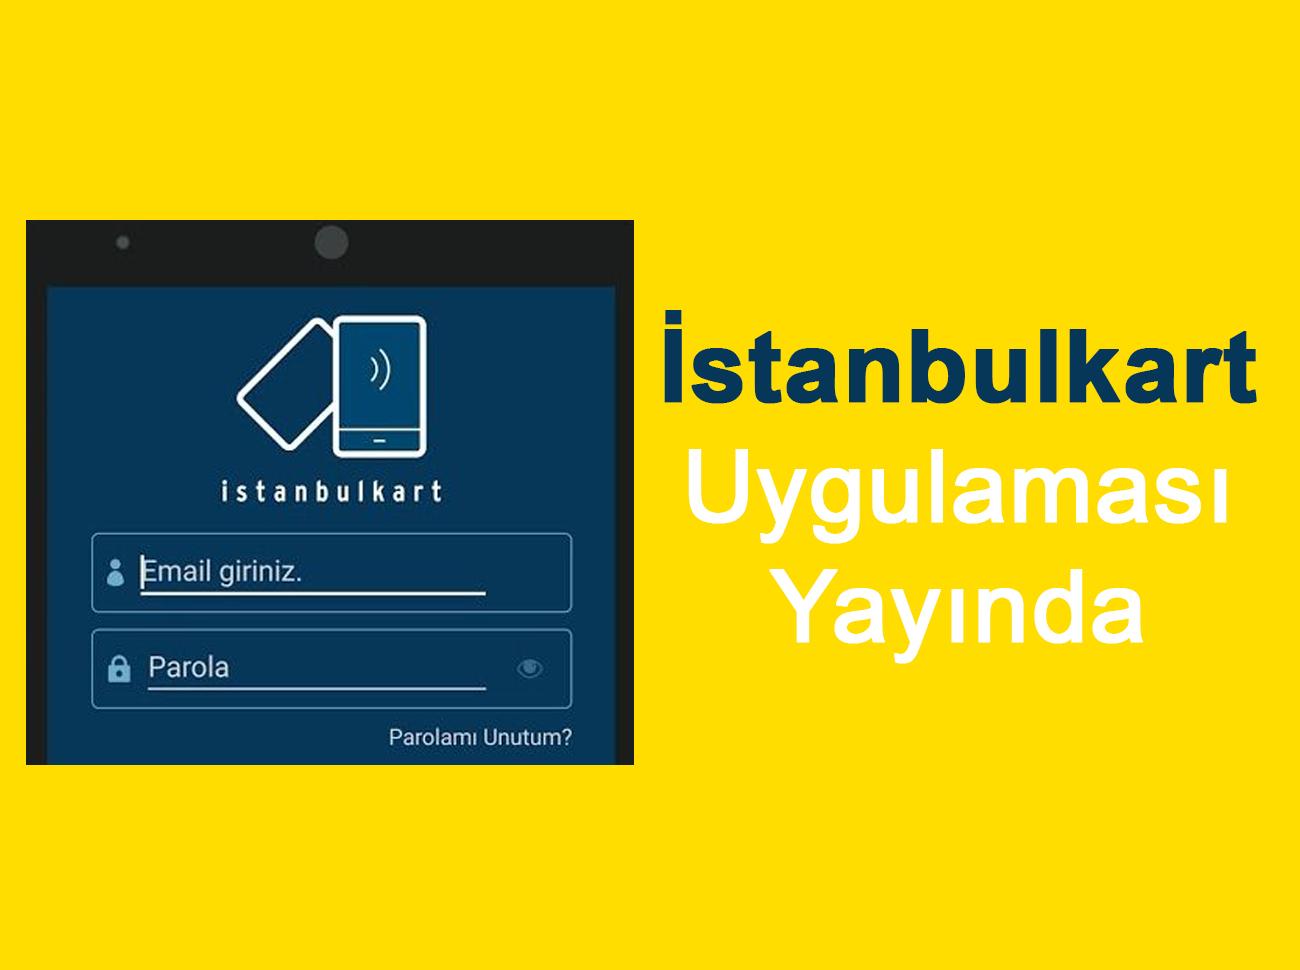 İstanbul Kart Uygulaması